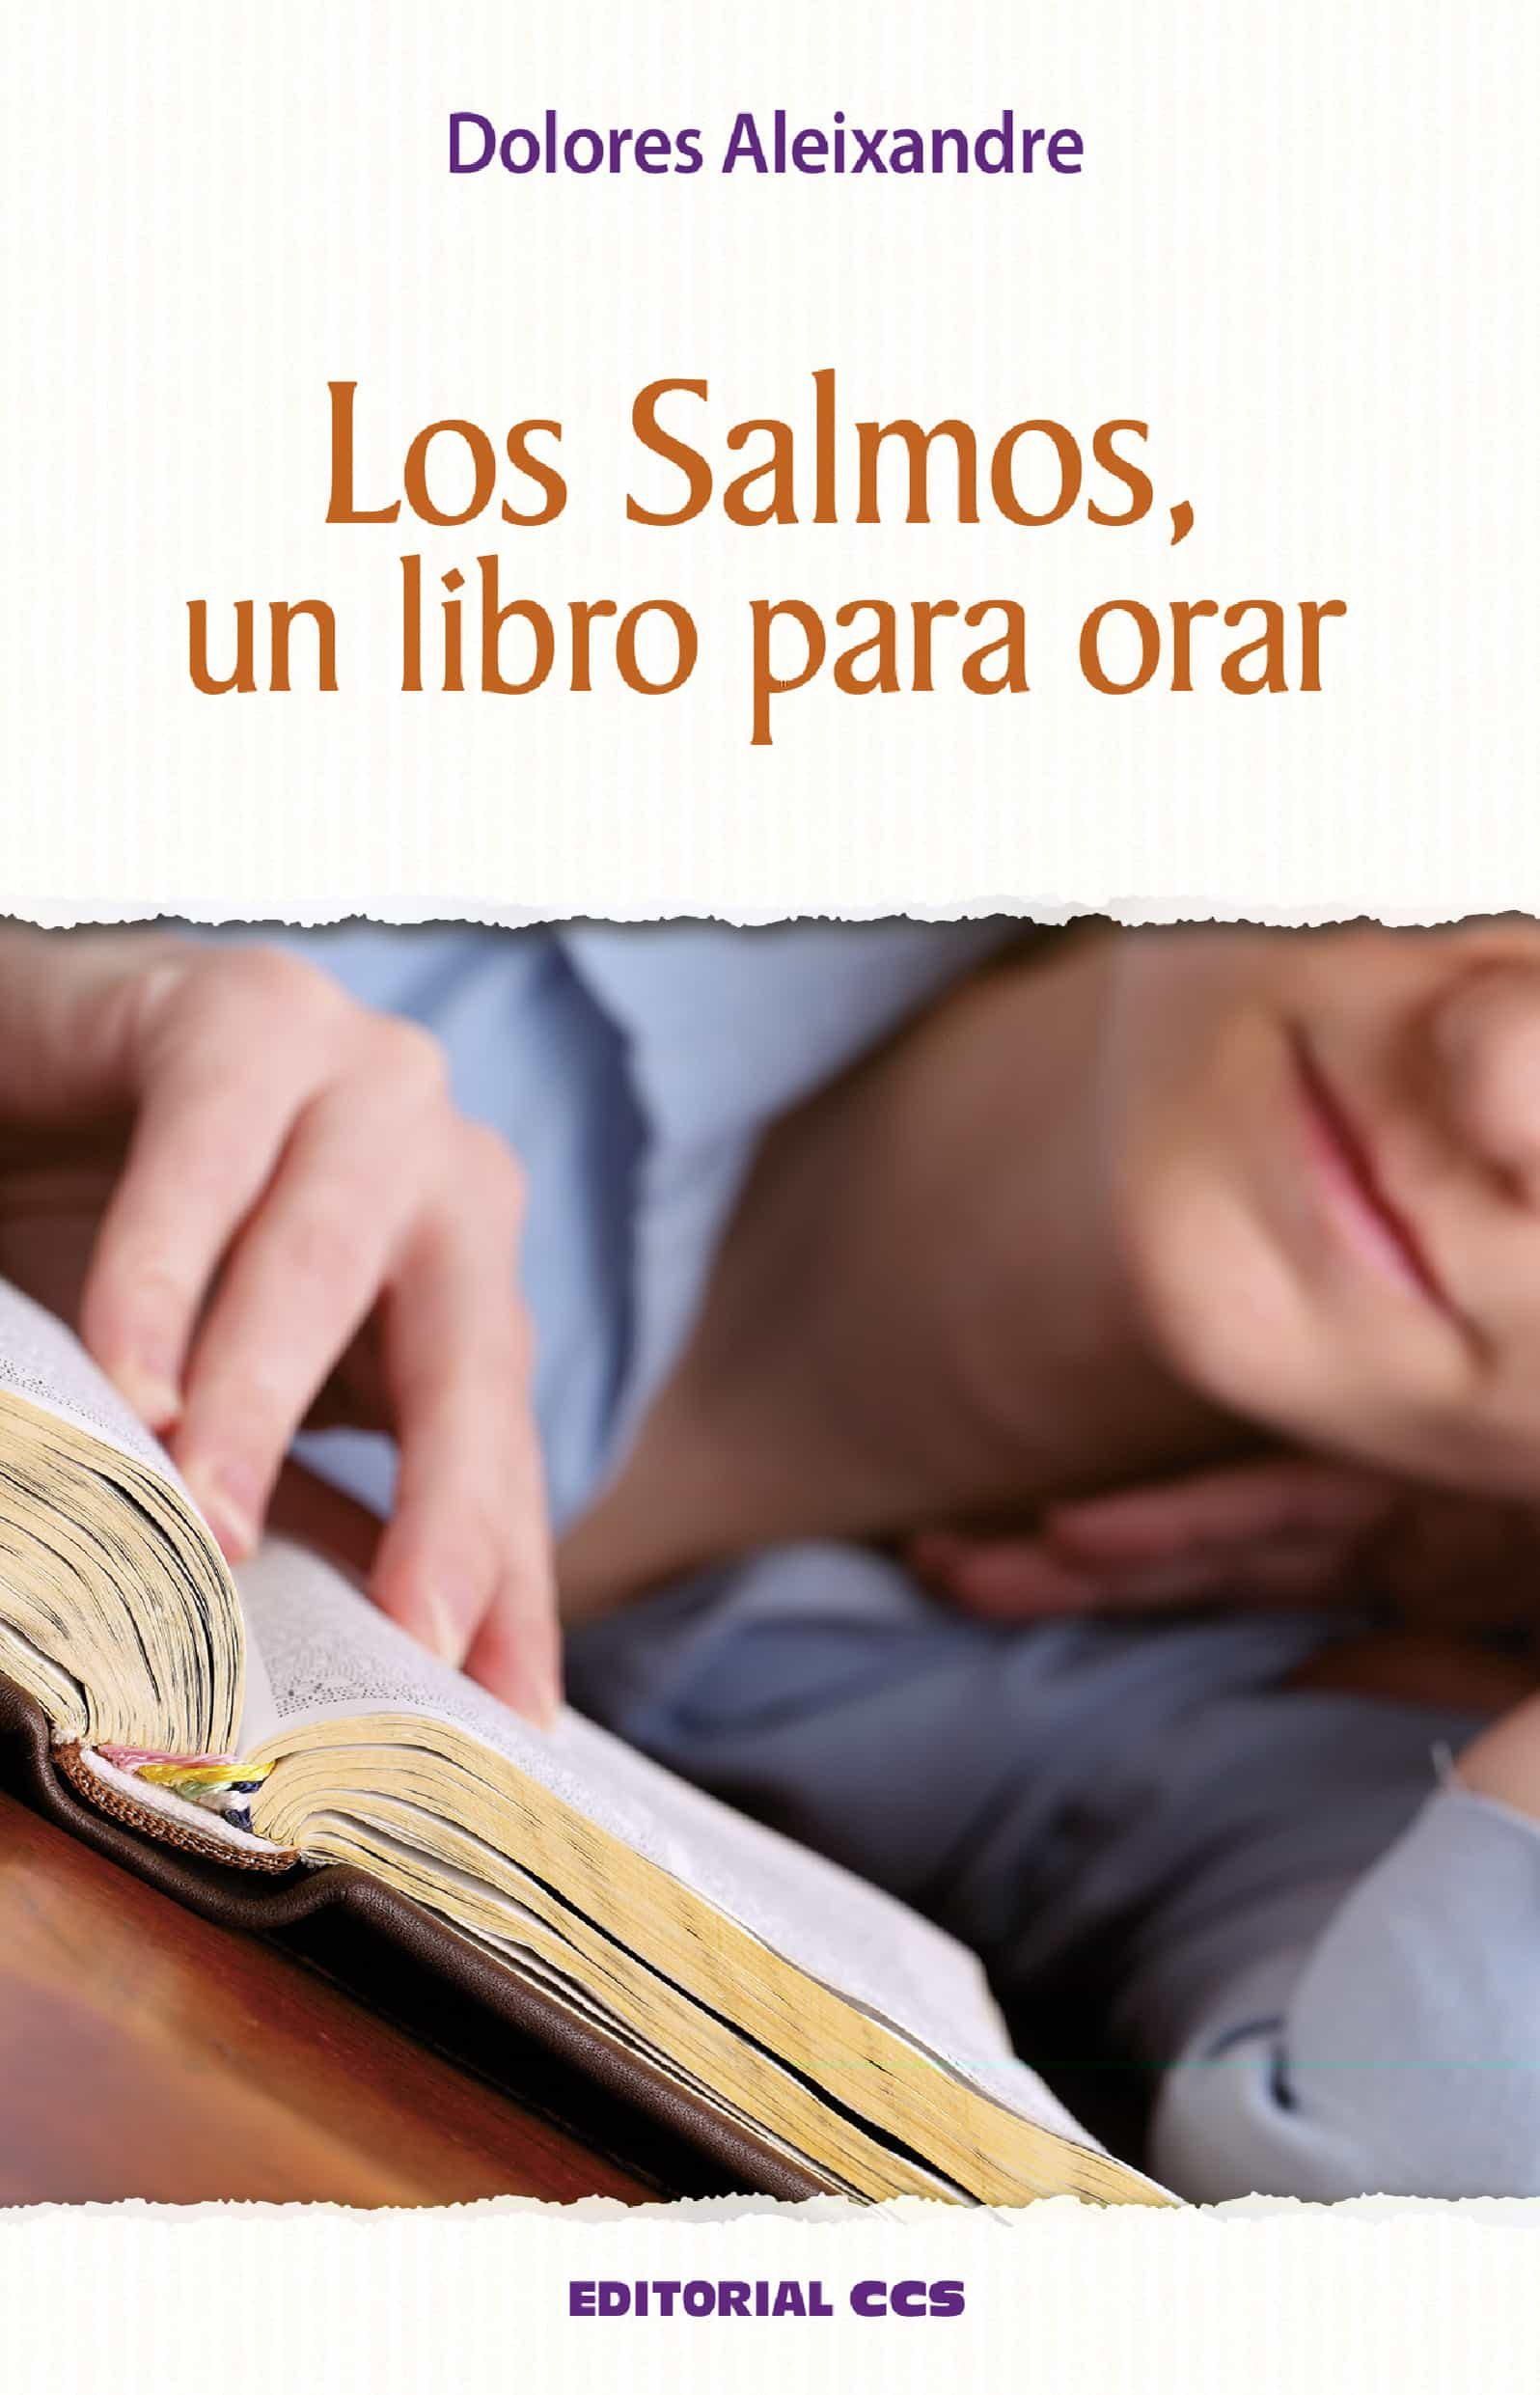 Los Salmos, Un Libro Para Orar por Dolores Aleixandre Gratis